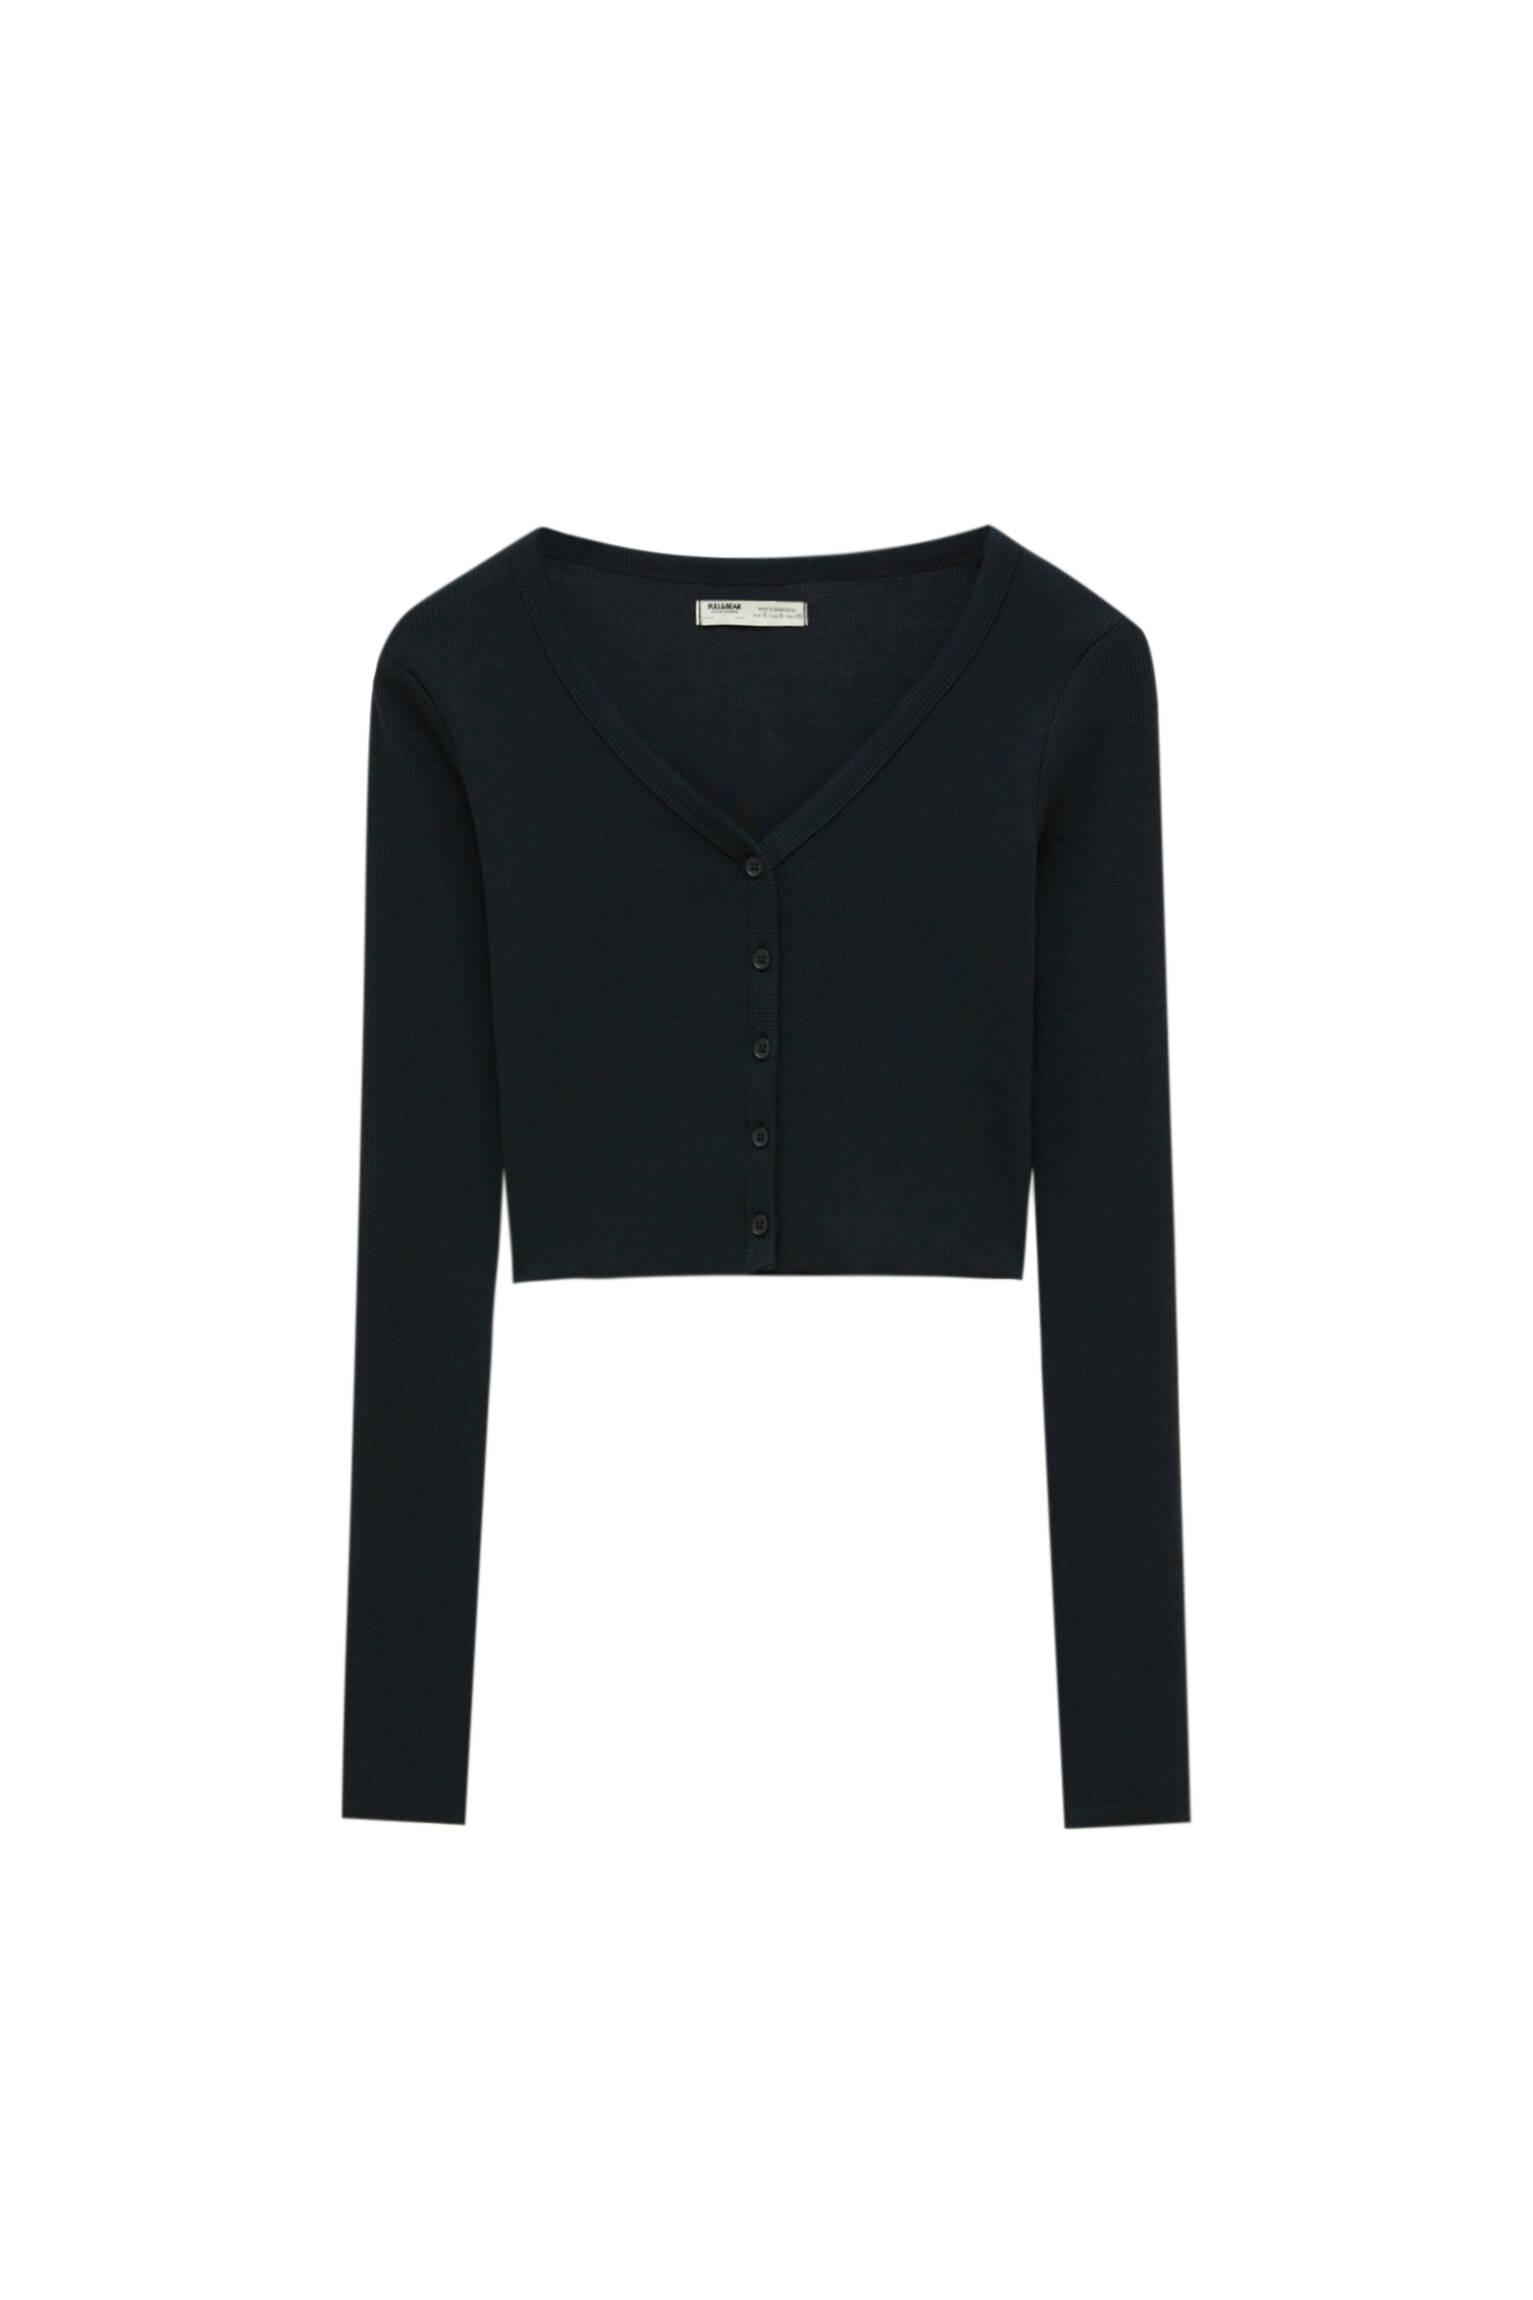 Pull&bear Femme T-shirt Basique Court à Manches Longues Et Avec Boutons Sur Le Devant. Noir S